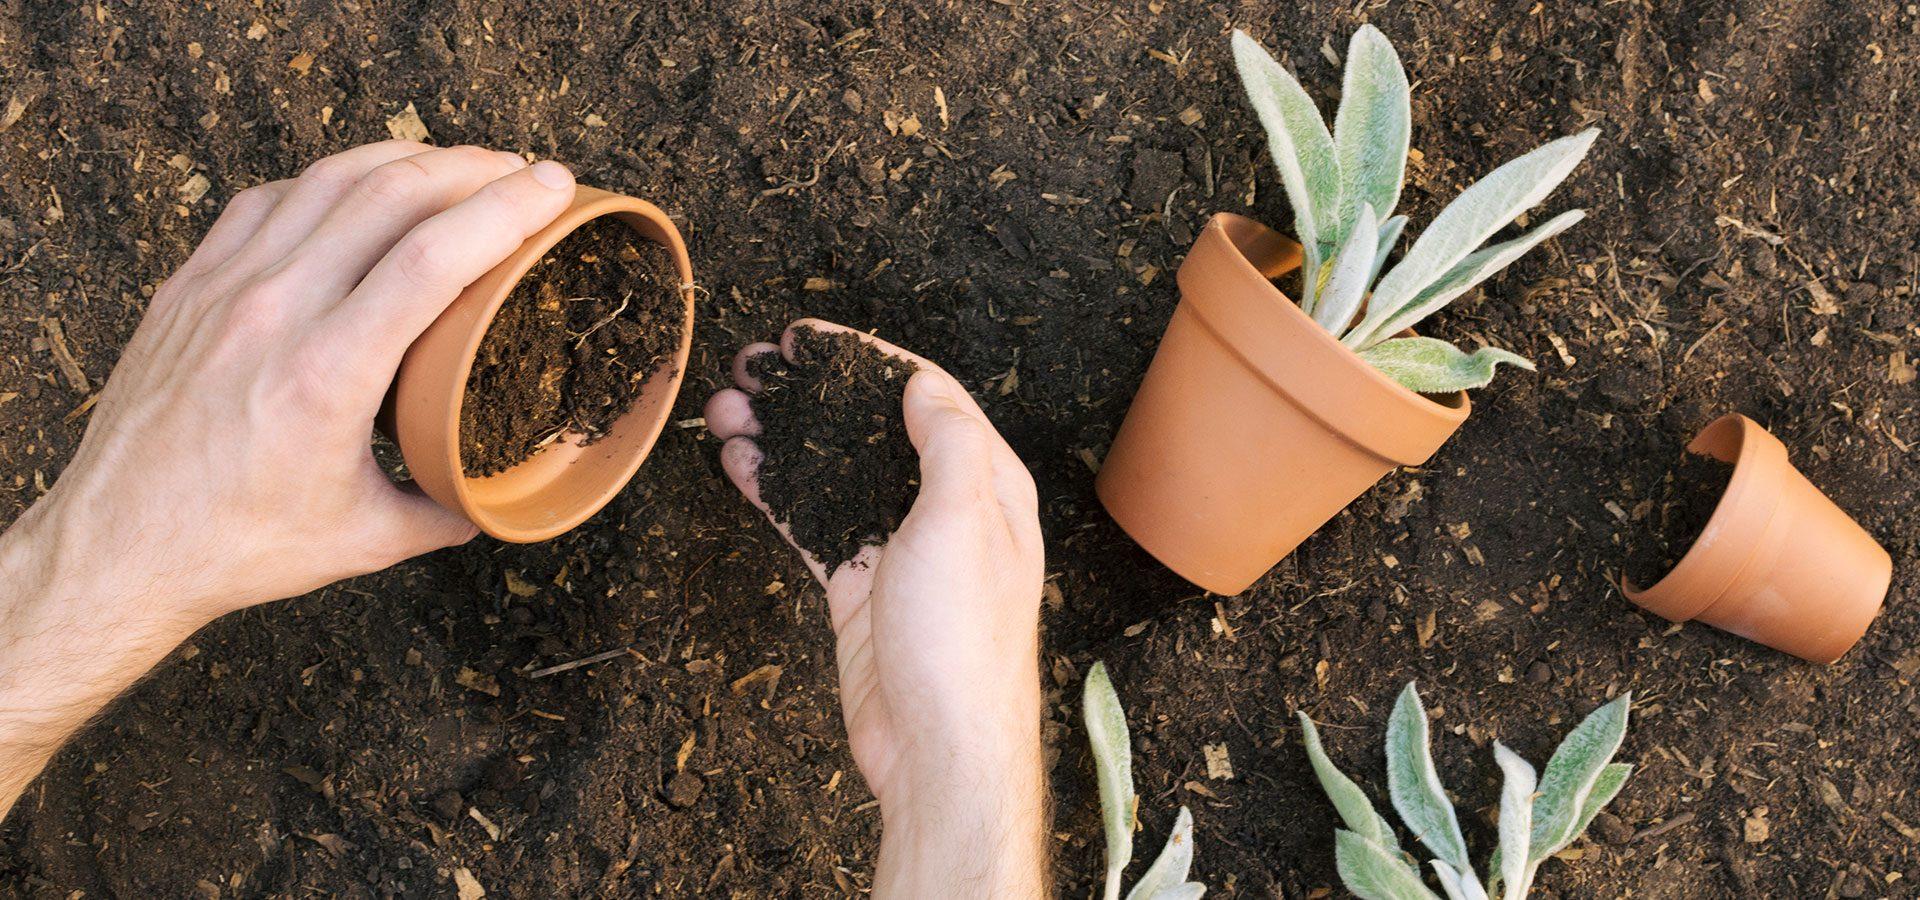 hand-gardening 1920x900-60%lower